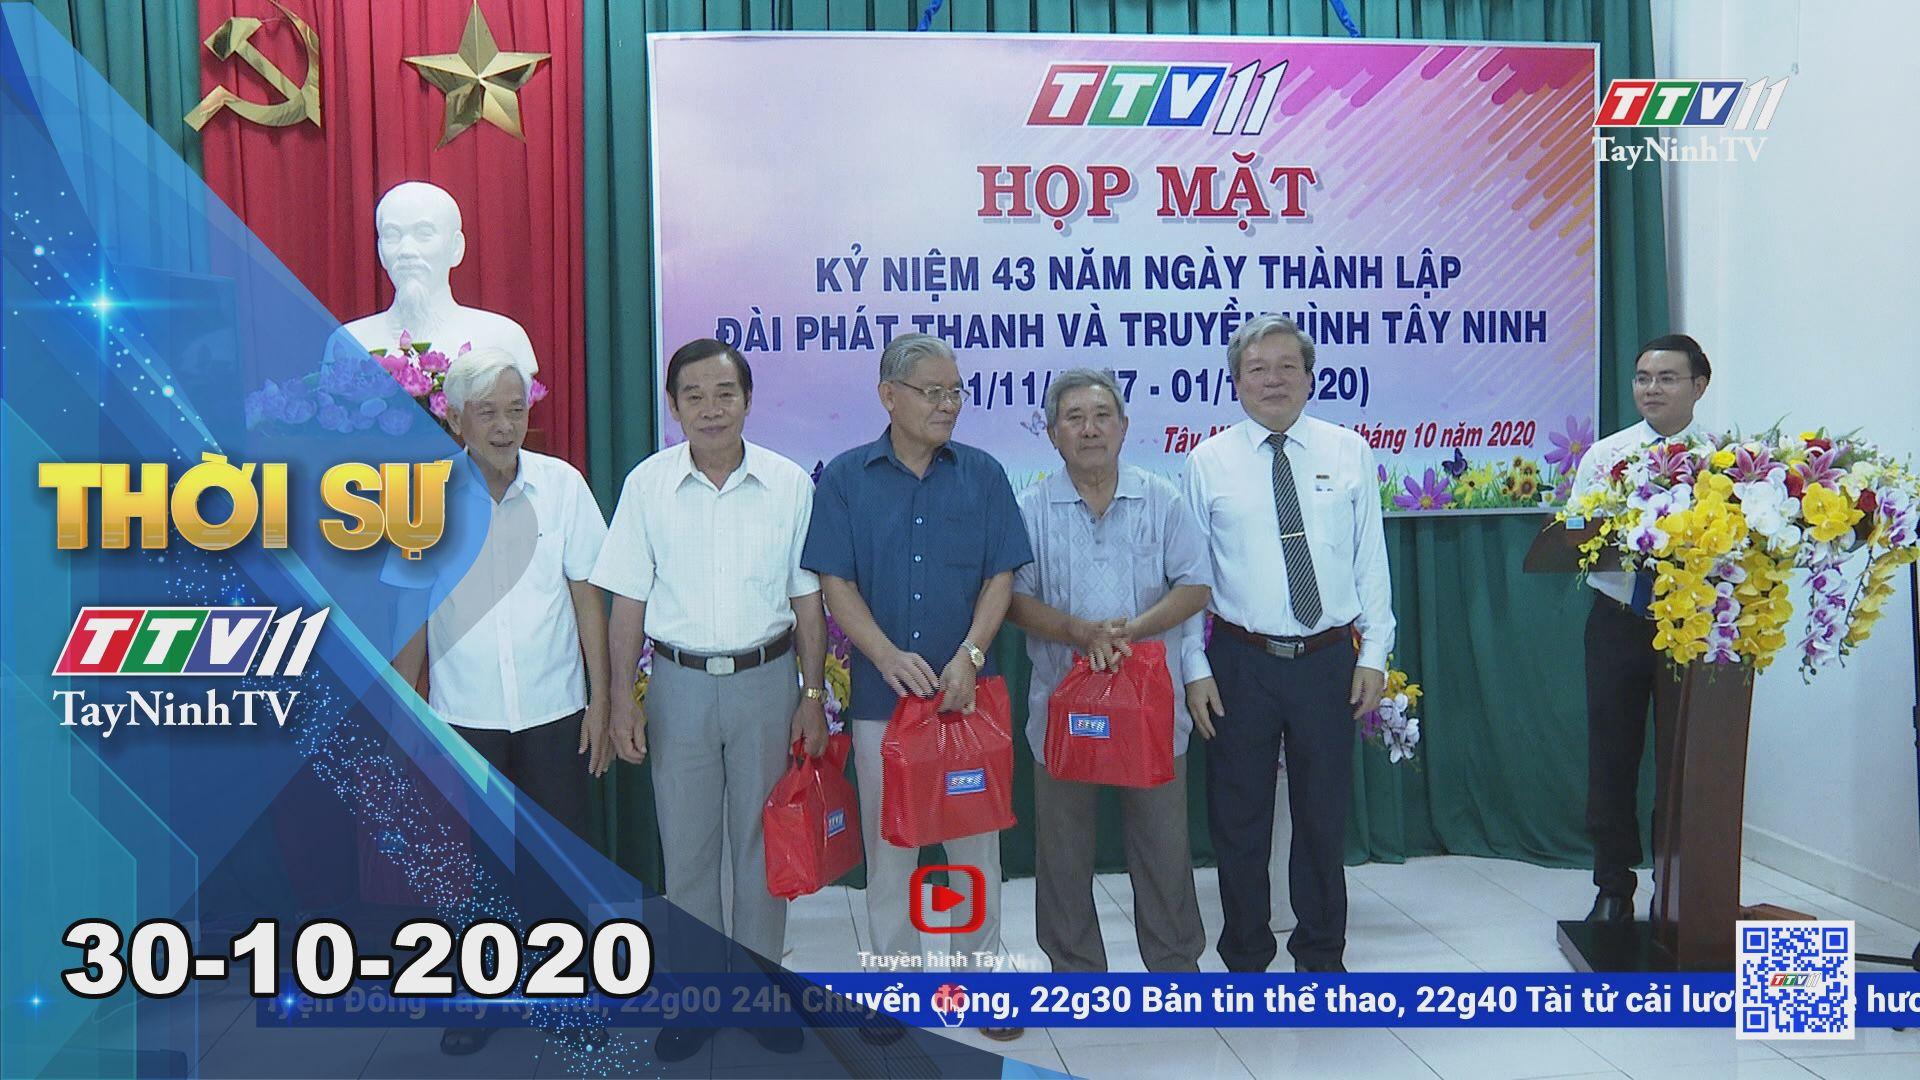 Thời sự Tây Ninh 30-10-2020 | Tin tức hôm nay | TayNinhTV